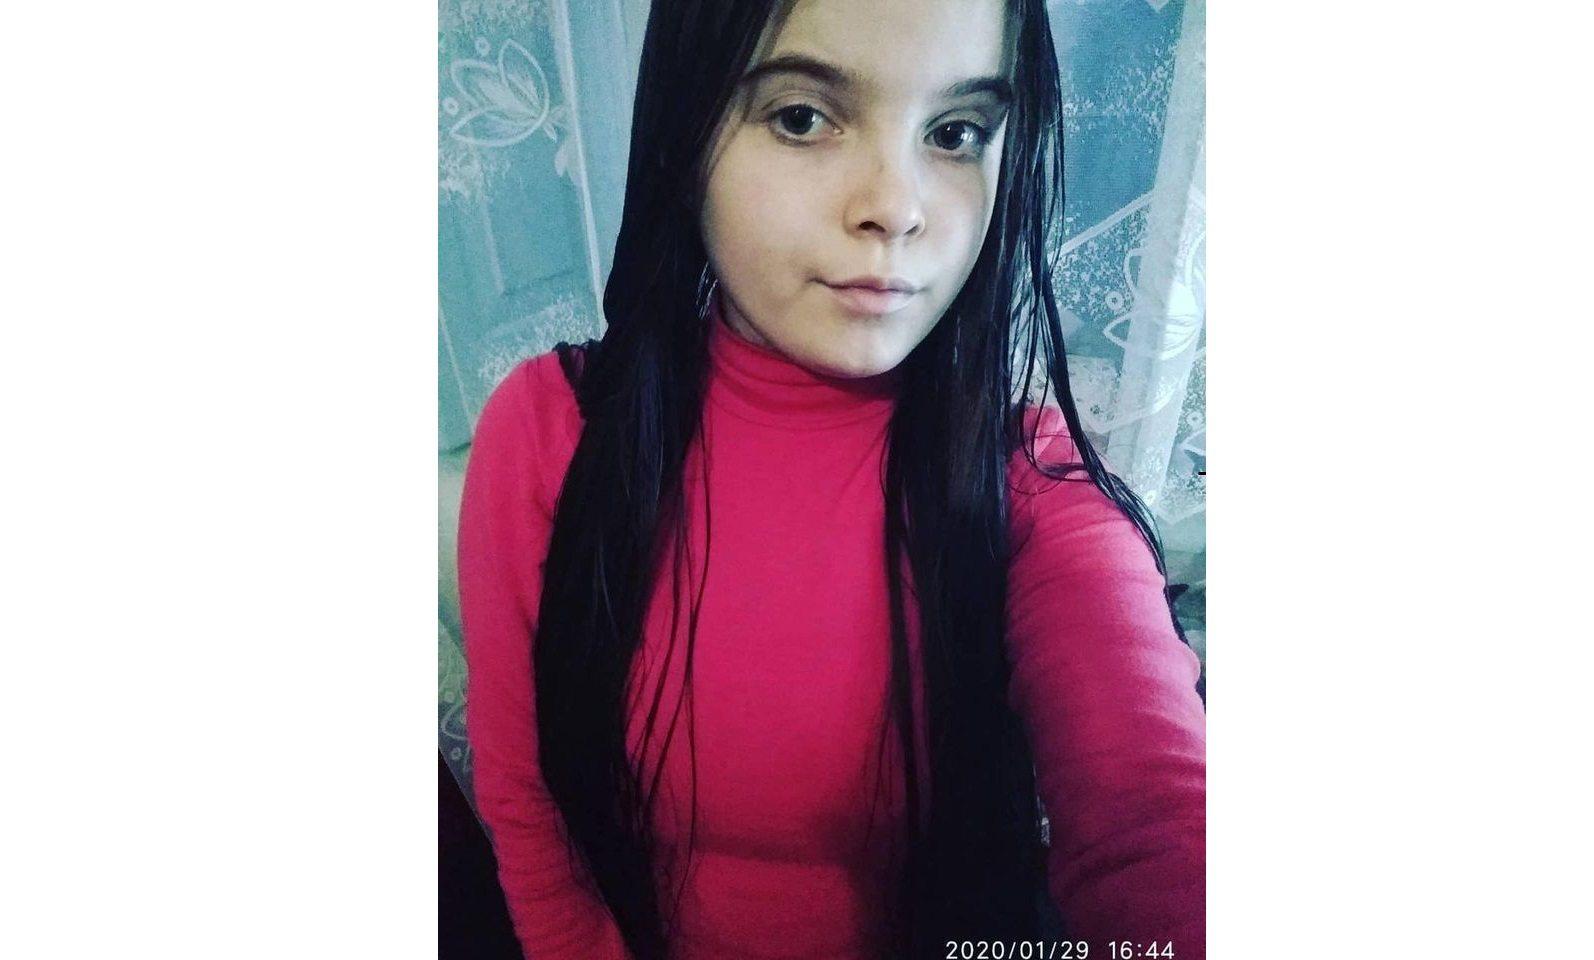 В Херсонской области пропала 14-летняя девочка